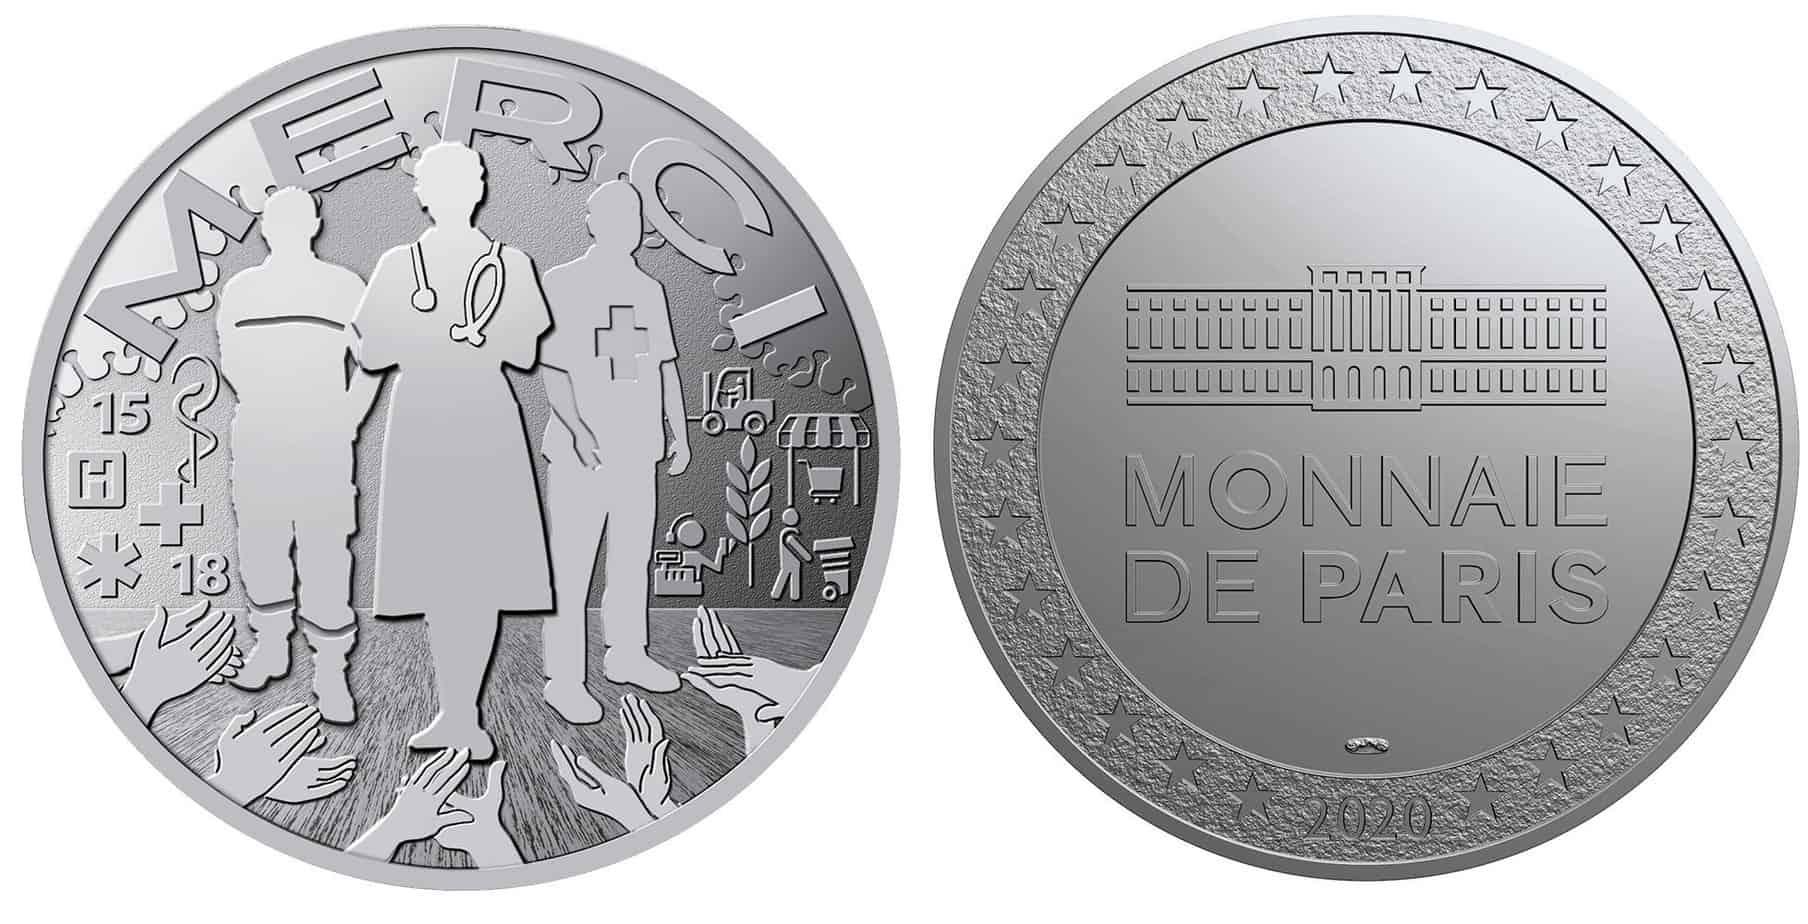 """: """"Merci"""", medalla emitida por la Monnaie de Paris"""